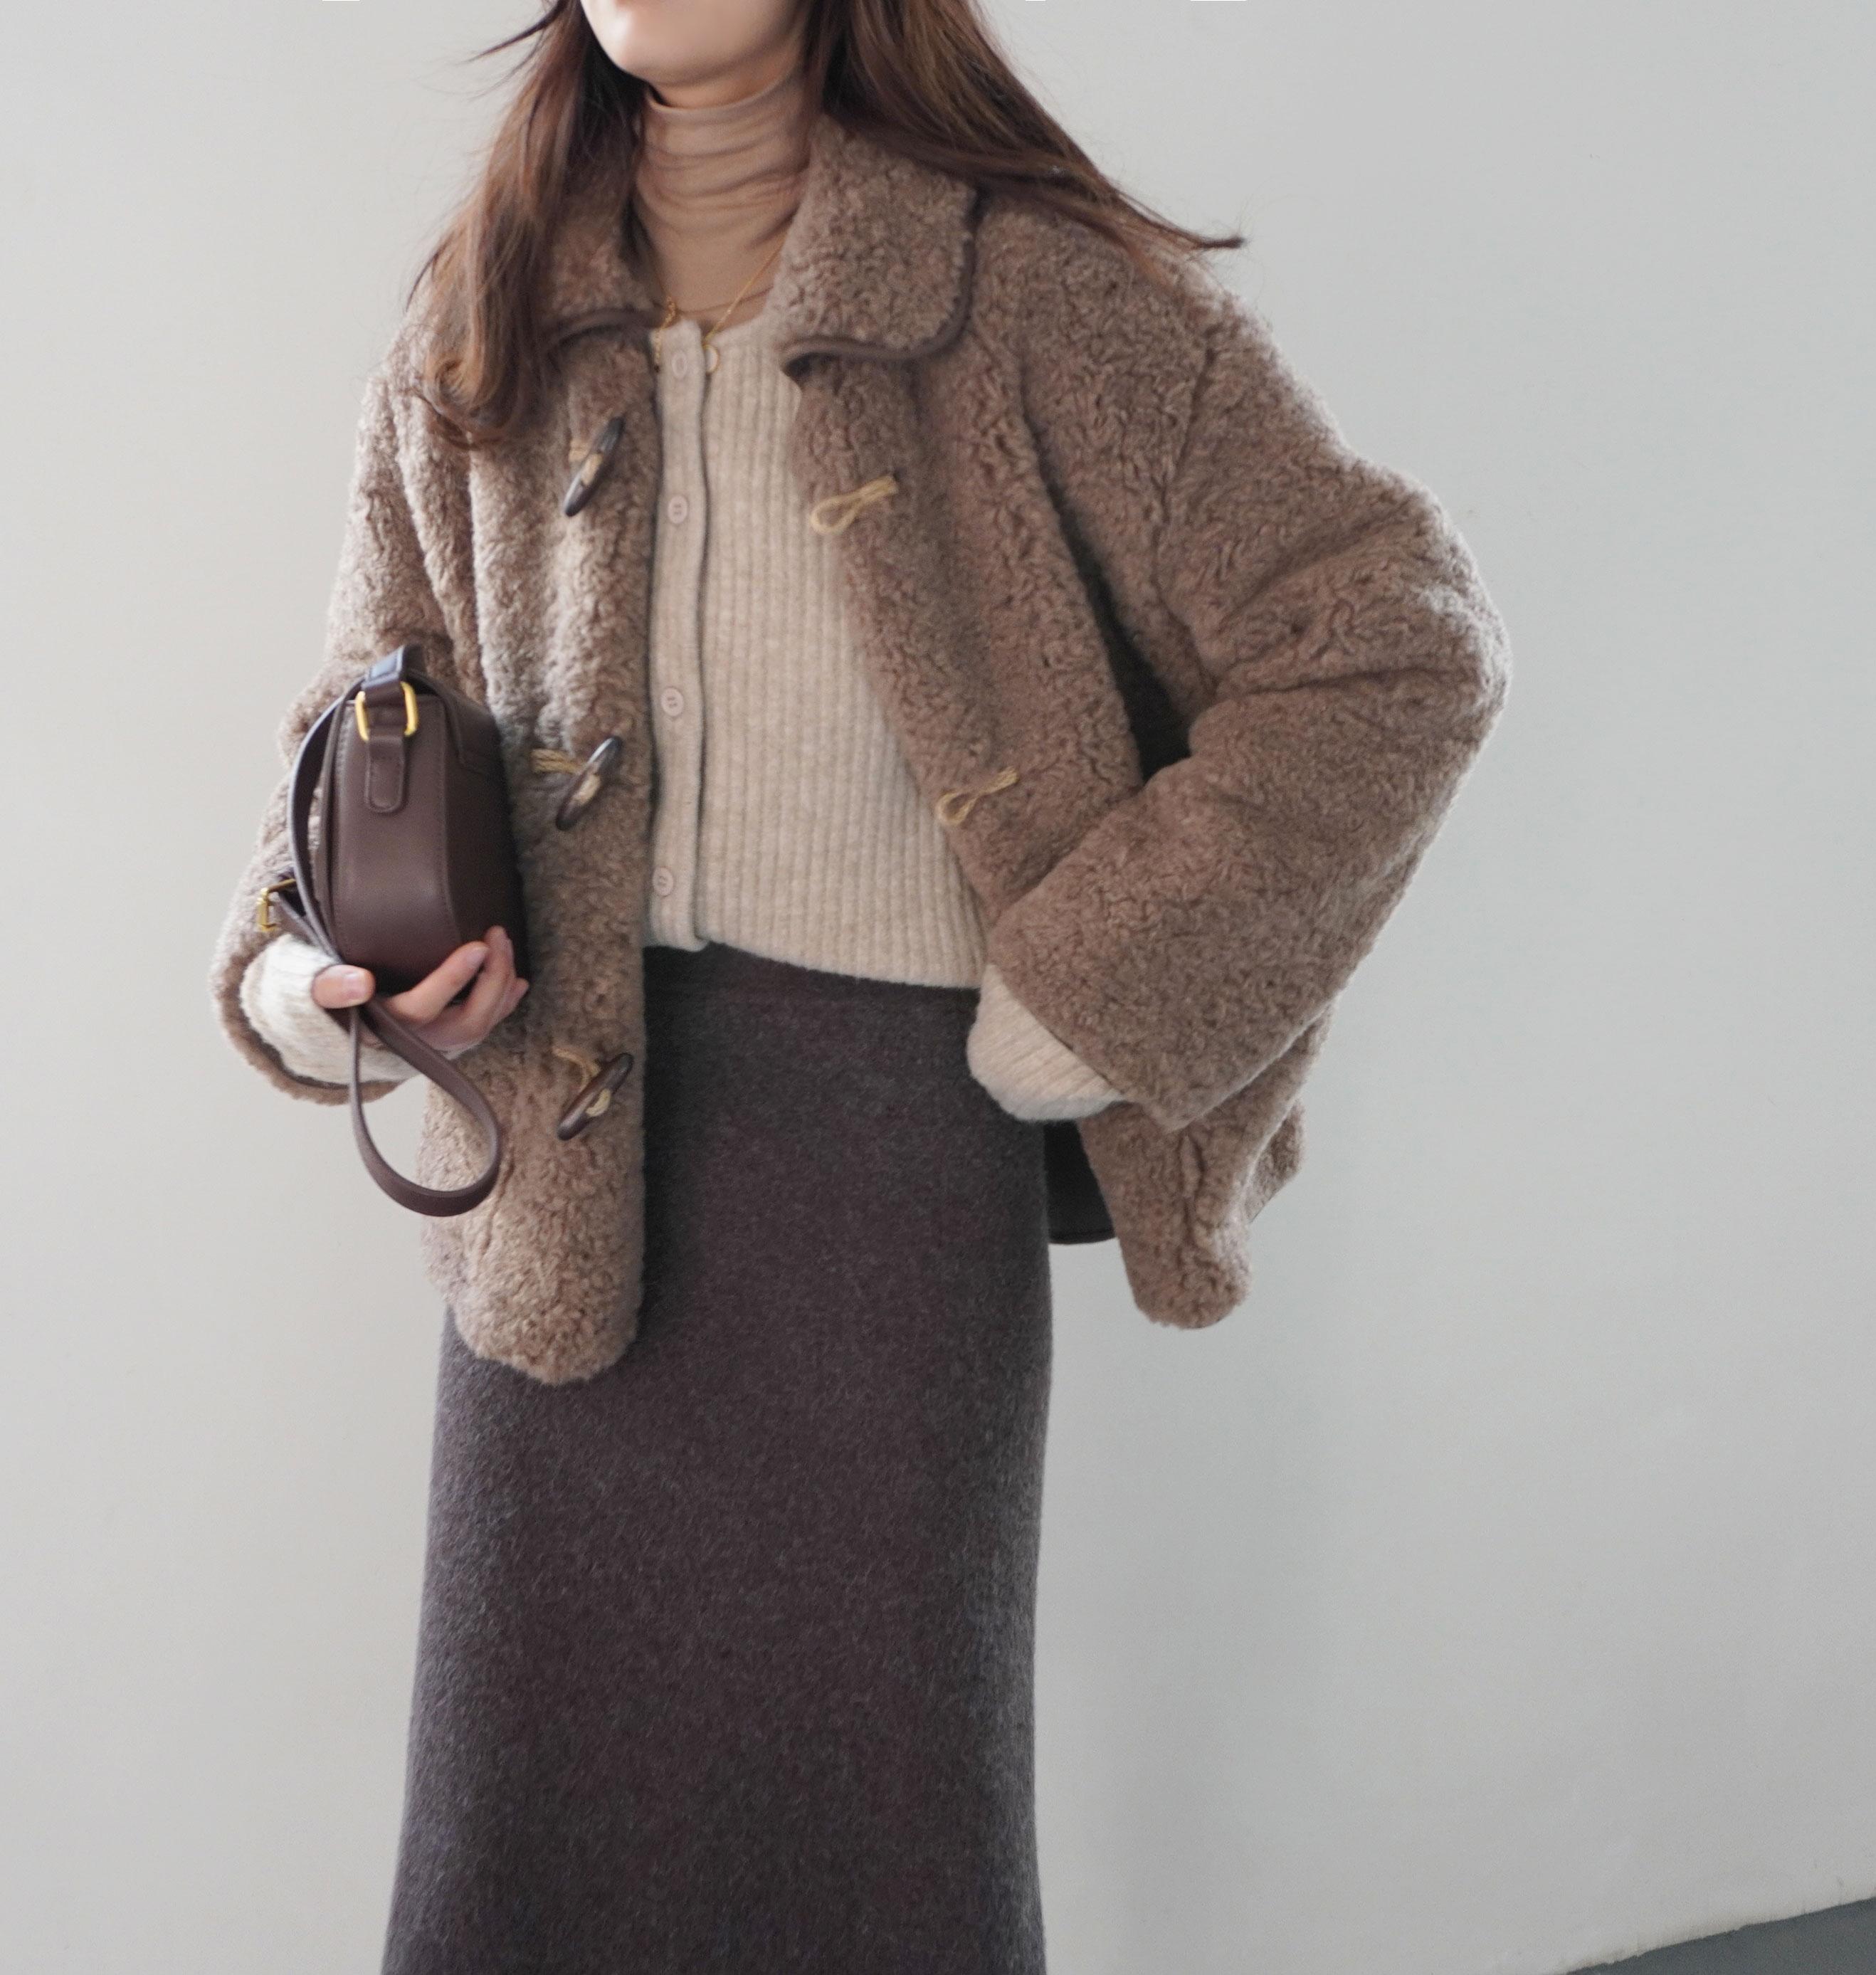 〈カフェシリーズ〉丈が選べる!もこもこガーリーコート(ショート丈)【moko-moko girly coat】